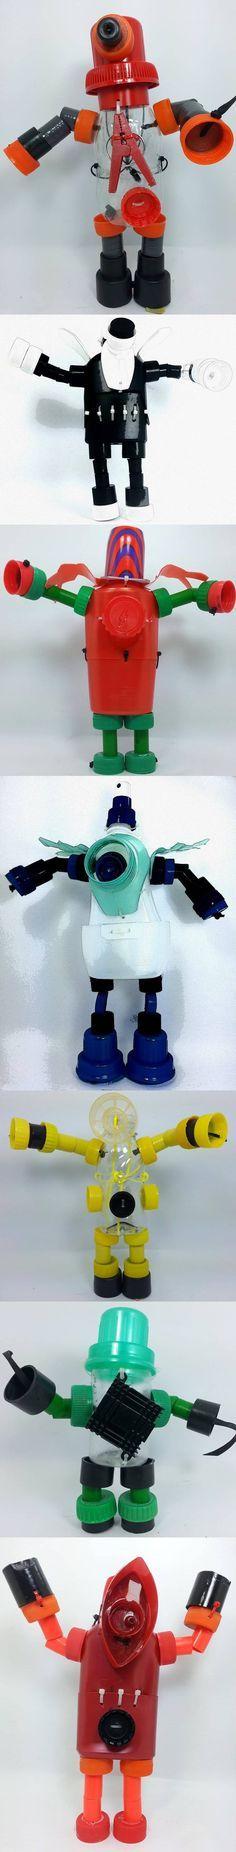 Seu filho adora montar robôs? Olha aqui algumas ideias interessantes e fáceis de fazer, utilizando material reciclável. Agora você pode passar muito tempo se divertindo com o filhote! ;)